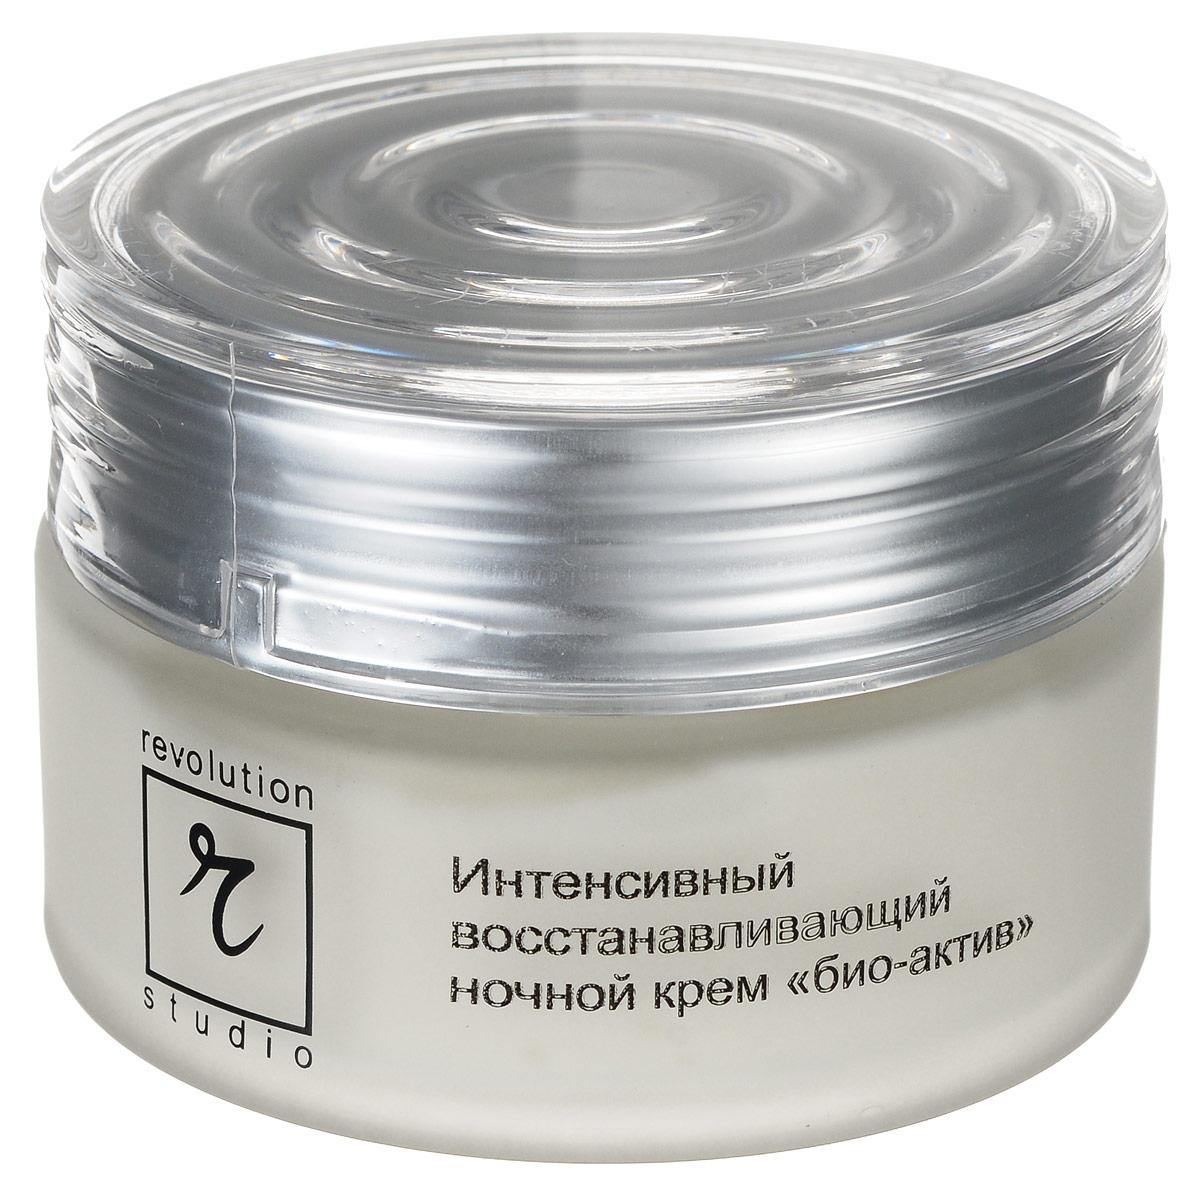 R-Studio Ночной крем био-актив 50 мл05230207Тип кожи: для возрастной кожи. Ночной крем био-актив стимулирует процессы регенерации и обновления кожи, действует как биостимулятор, активизируя собственные влагоудерживающие и защитные функции кожи, укрепляет и питает кожу, замедляет процессы старения. Активные компоненты: «Гиаплан» (плацента тонкоочищенная), масла: оливковое, персиковое, какао; экстракты: хмеля, душицы, валерианы; витамин Е.